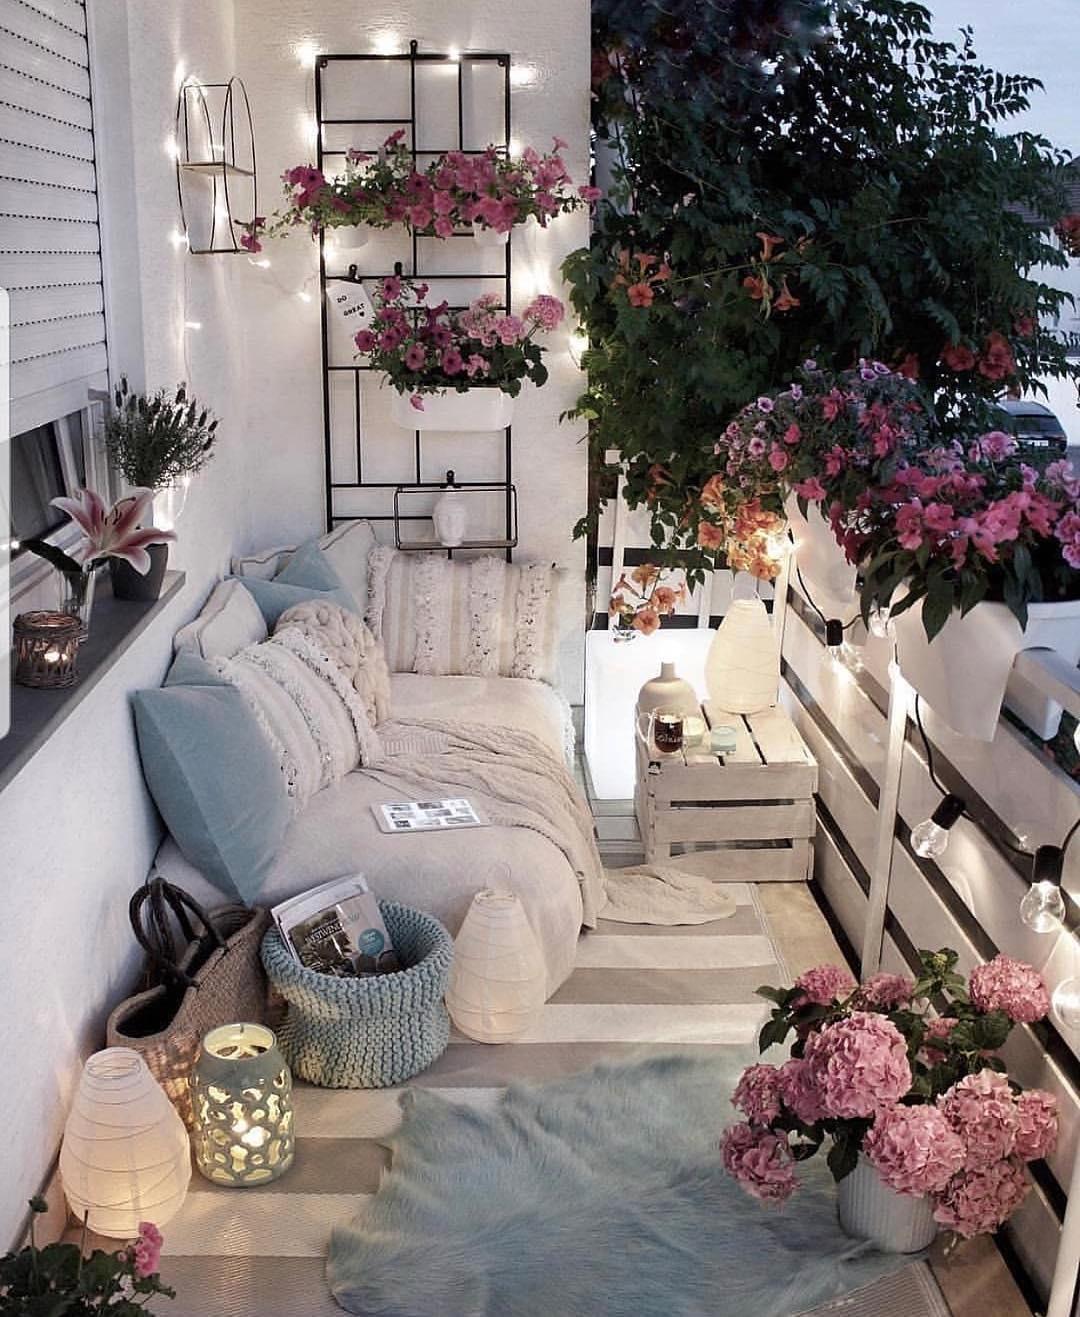 balcony decor ideas (4)